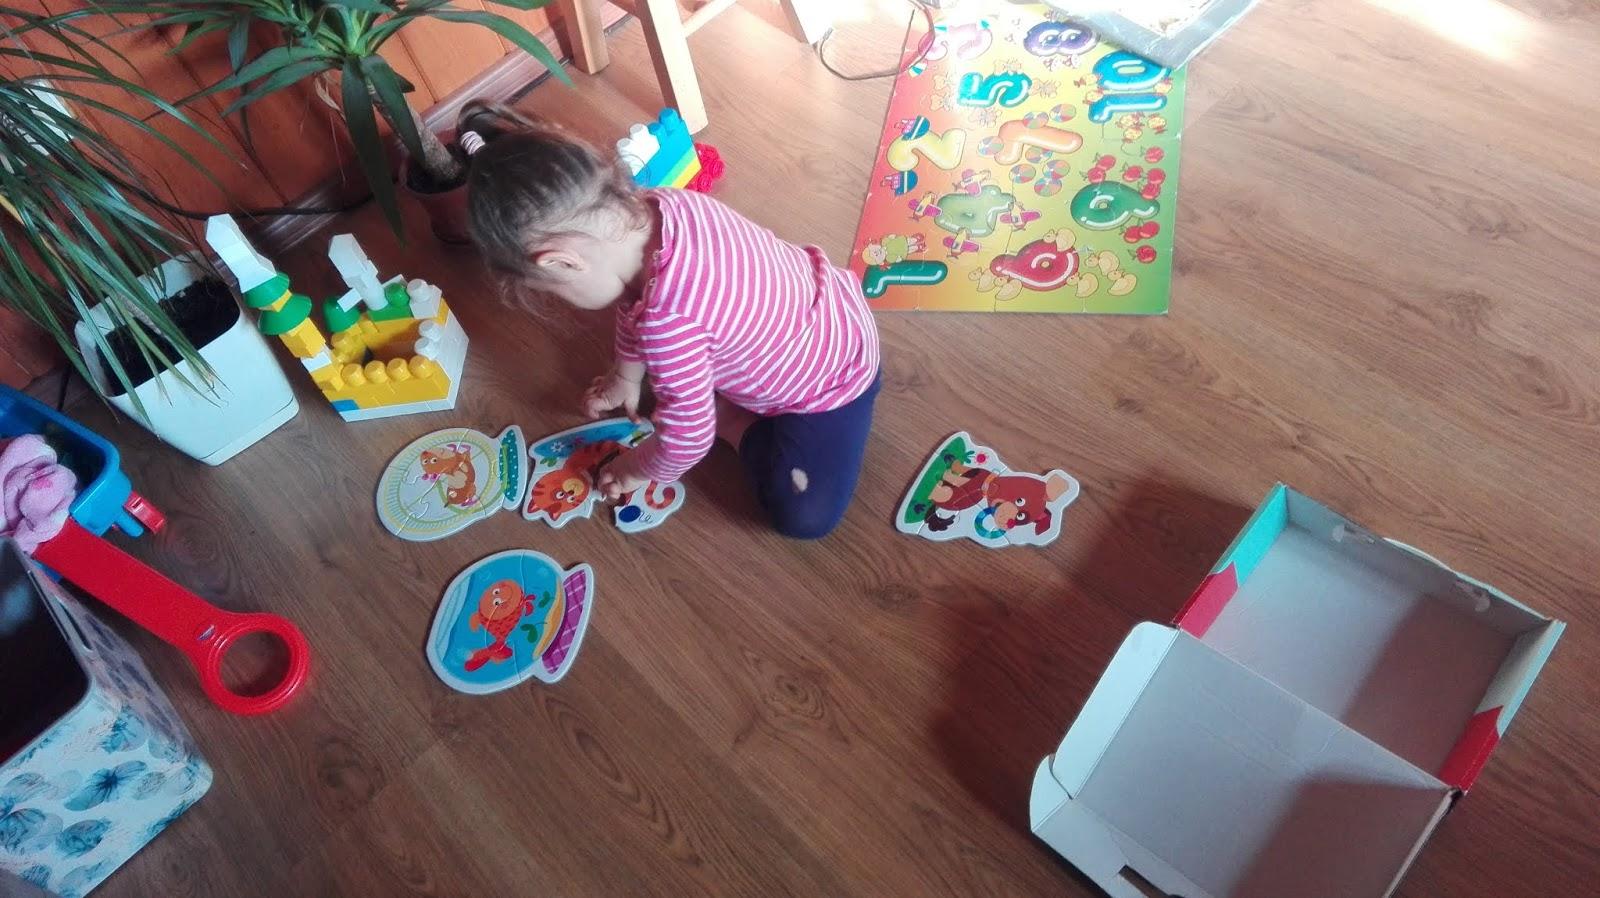 Jak układanie puzzli wpływa na rozwój dziecka?